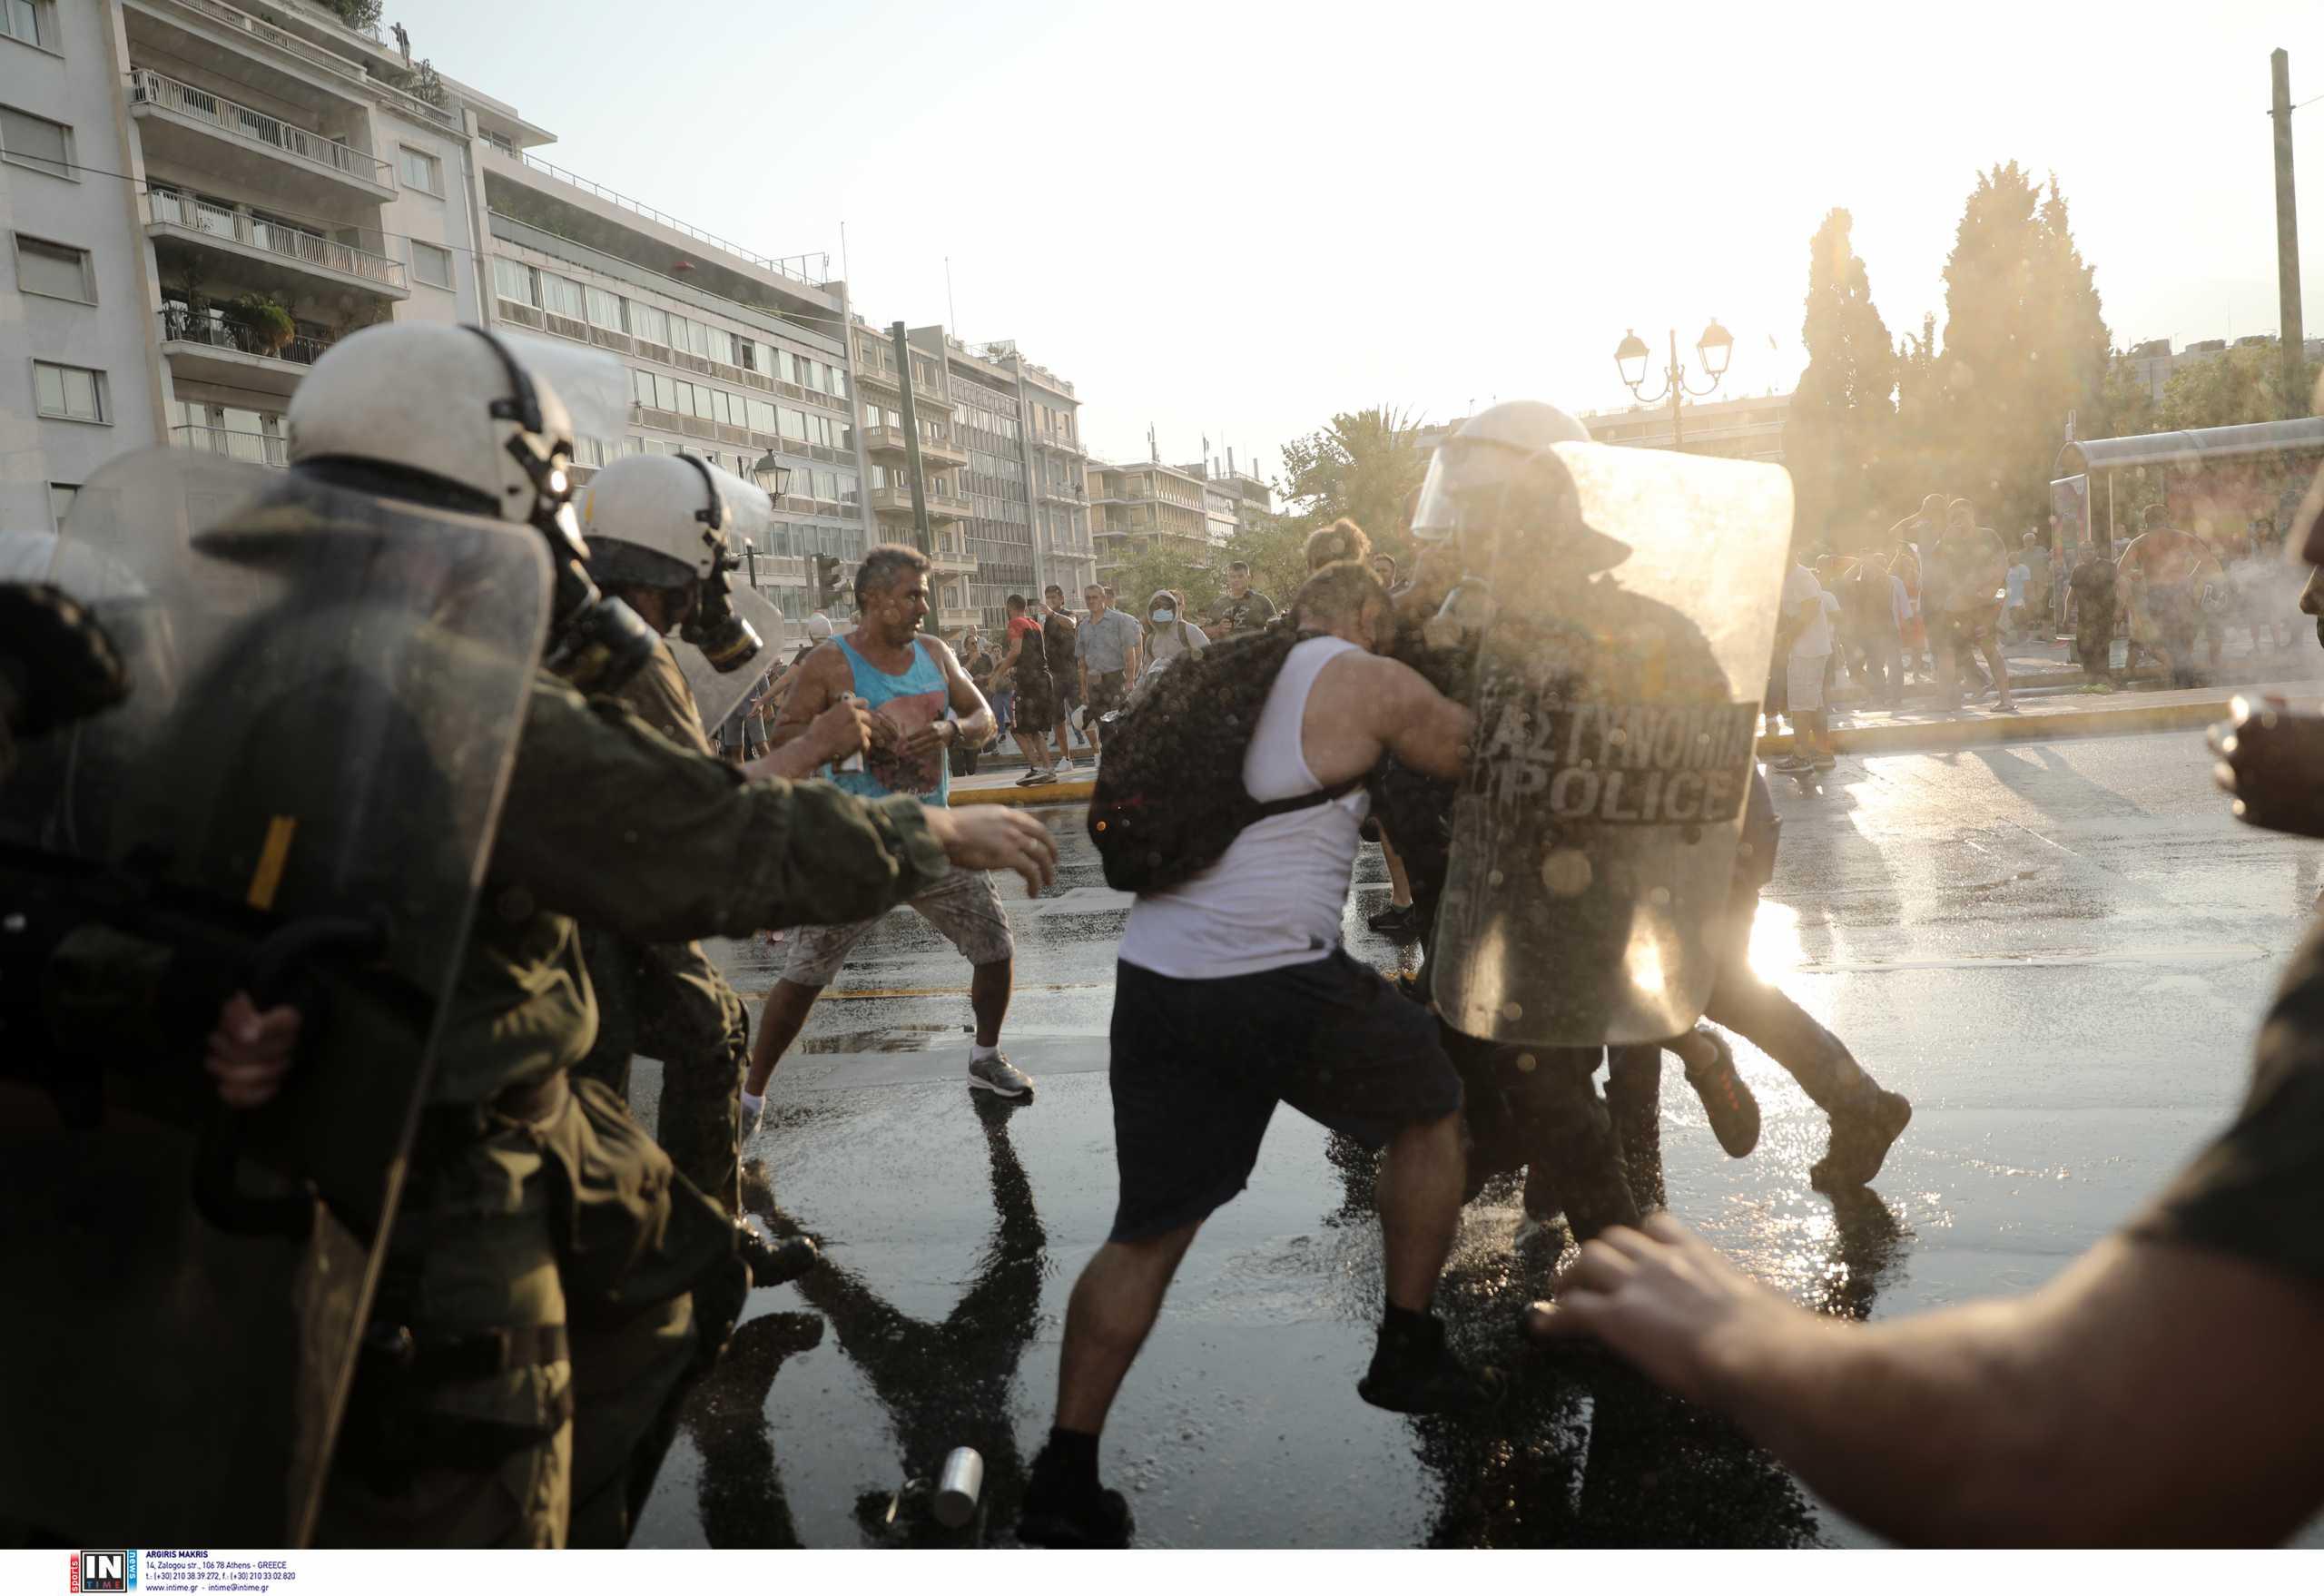 Επεισόδια στην Αθήνα με αντιεξουσιαστές και αντιεμβολιαστές – Οι προσαγωγές και οι εικόνες έντασης